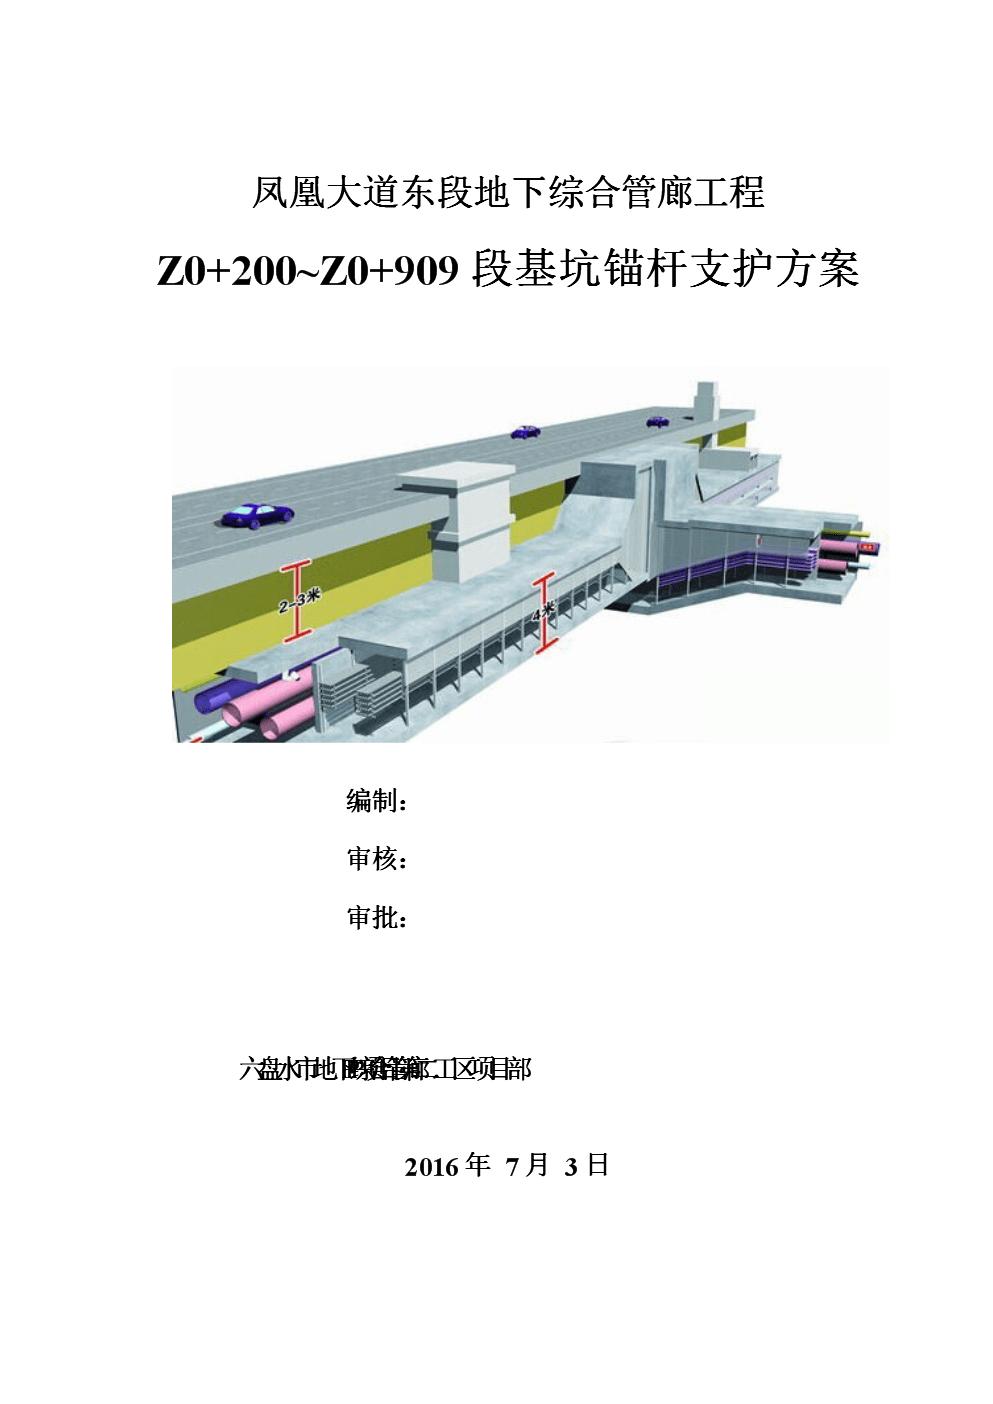 凤凰大道东段地下综合管廊工程Z0 200-Z0 909段基坑锚杆支护方案.doc